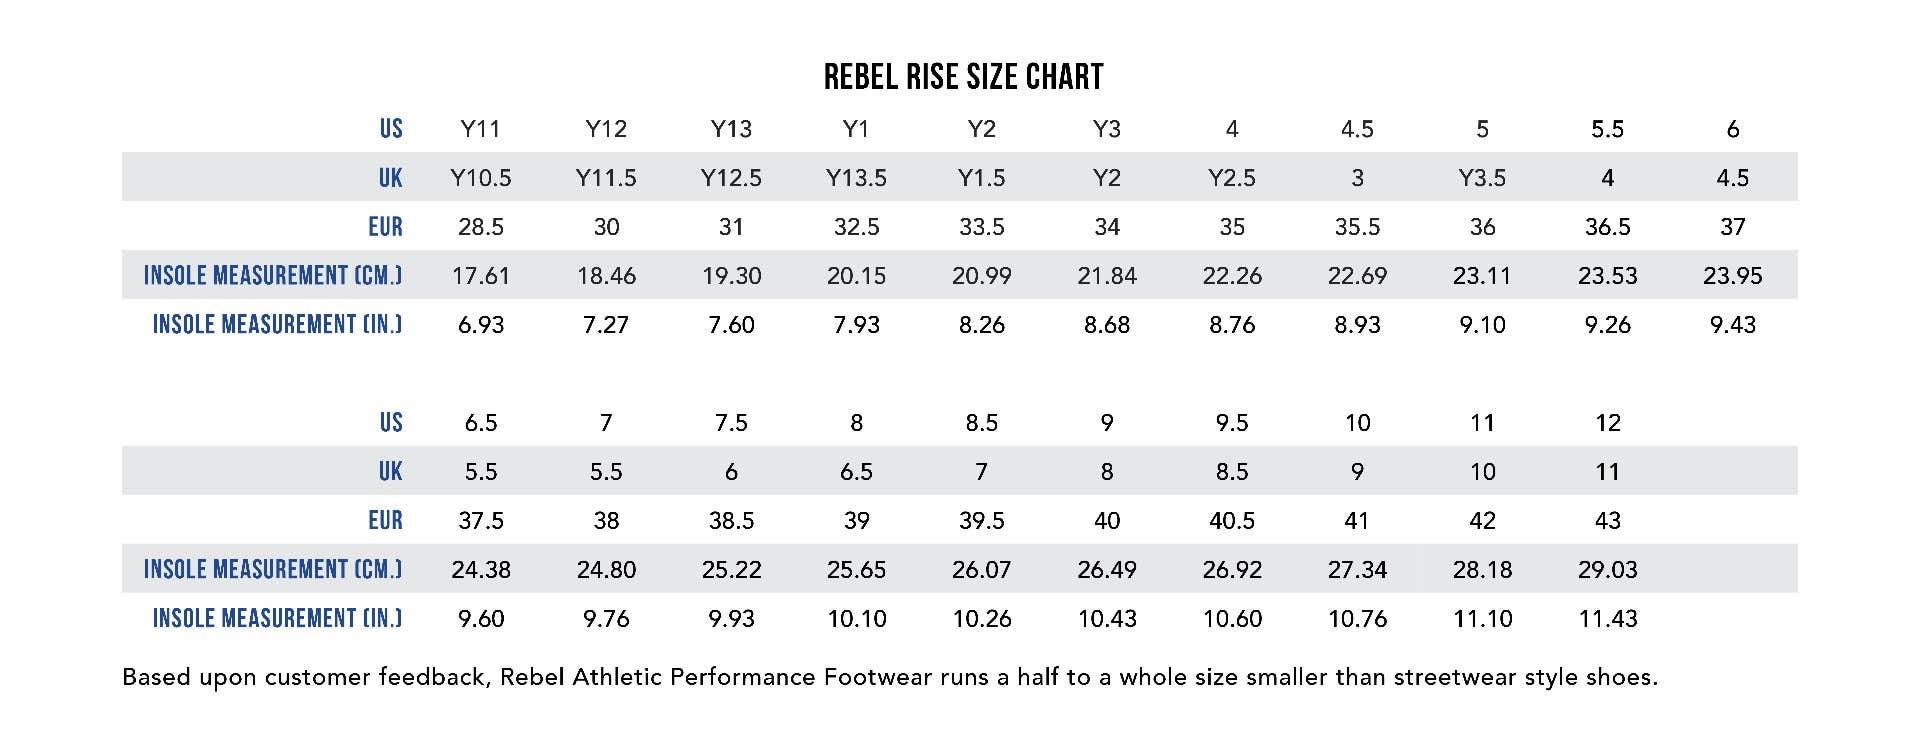 Rise Size Chart